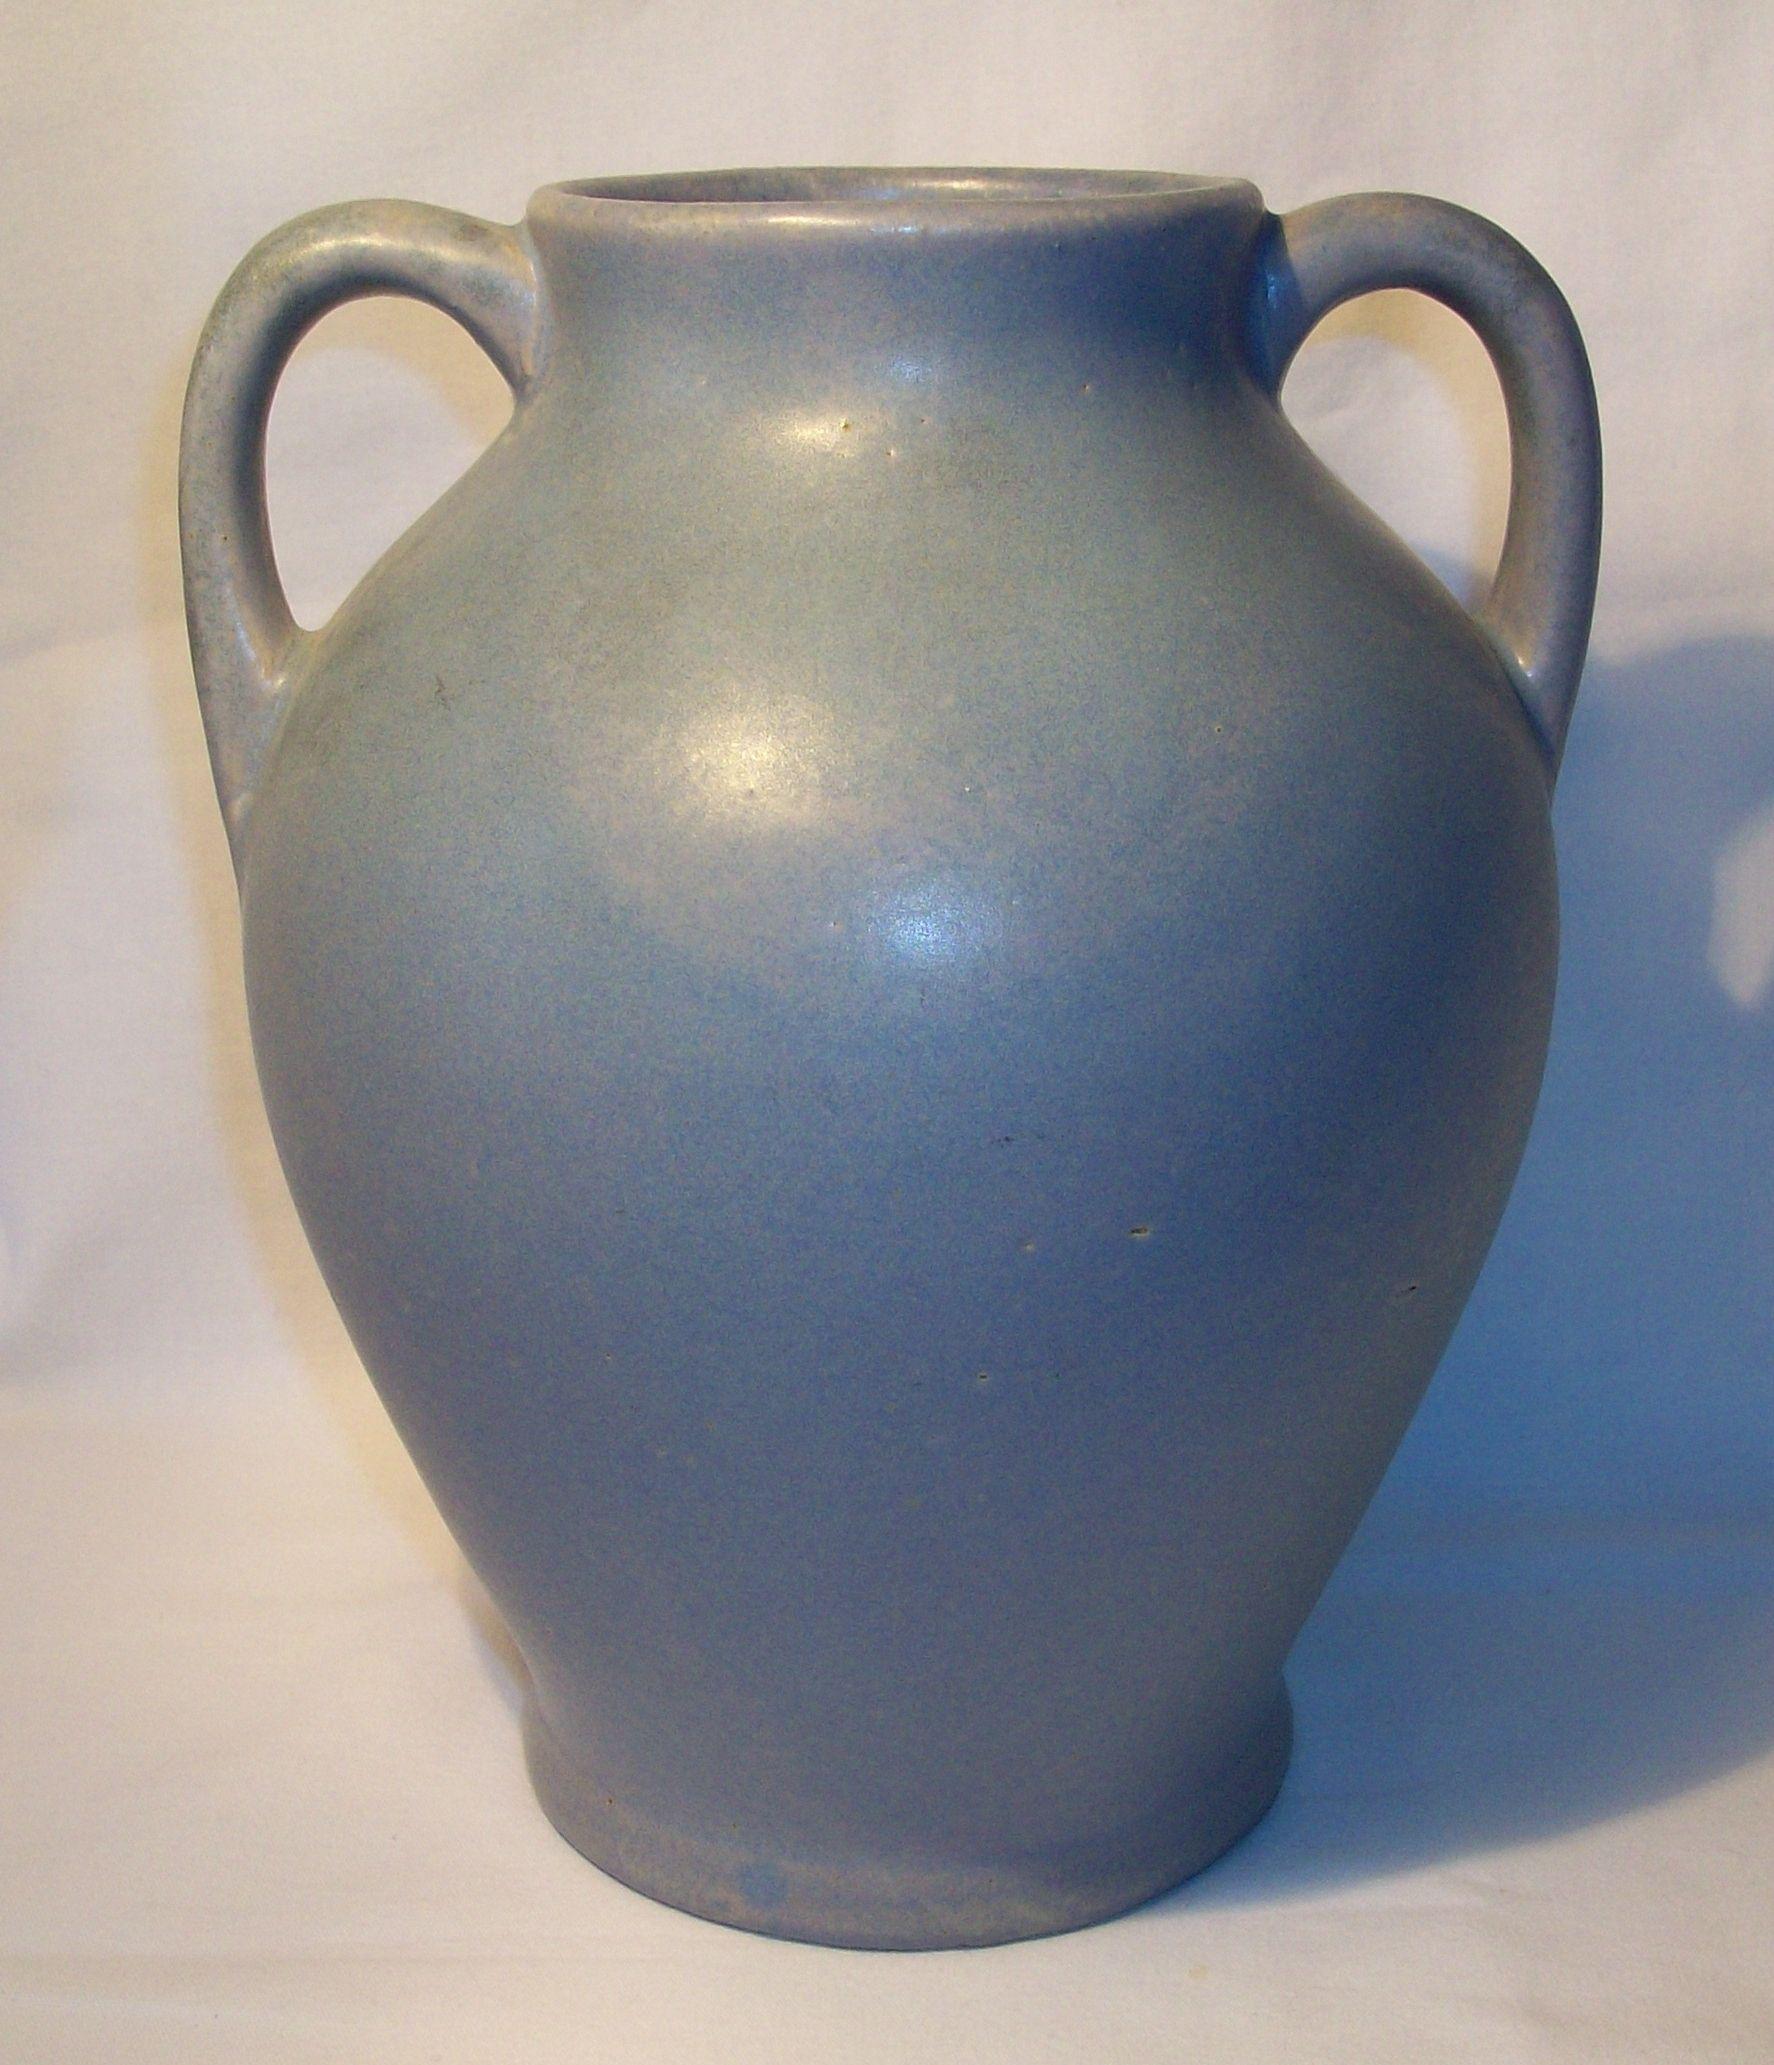 Vintage zanesville stoneware two handled vase vintage pottery vintage zanesville stoneware two handled vase reviewsmspy